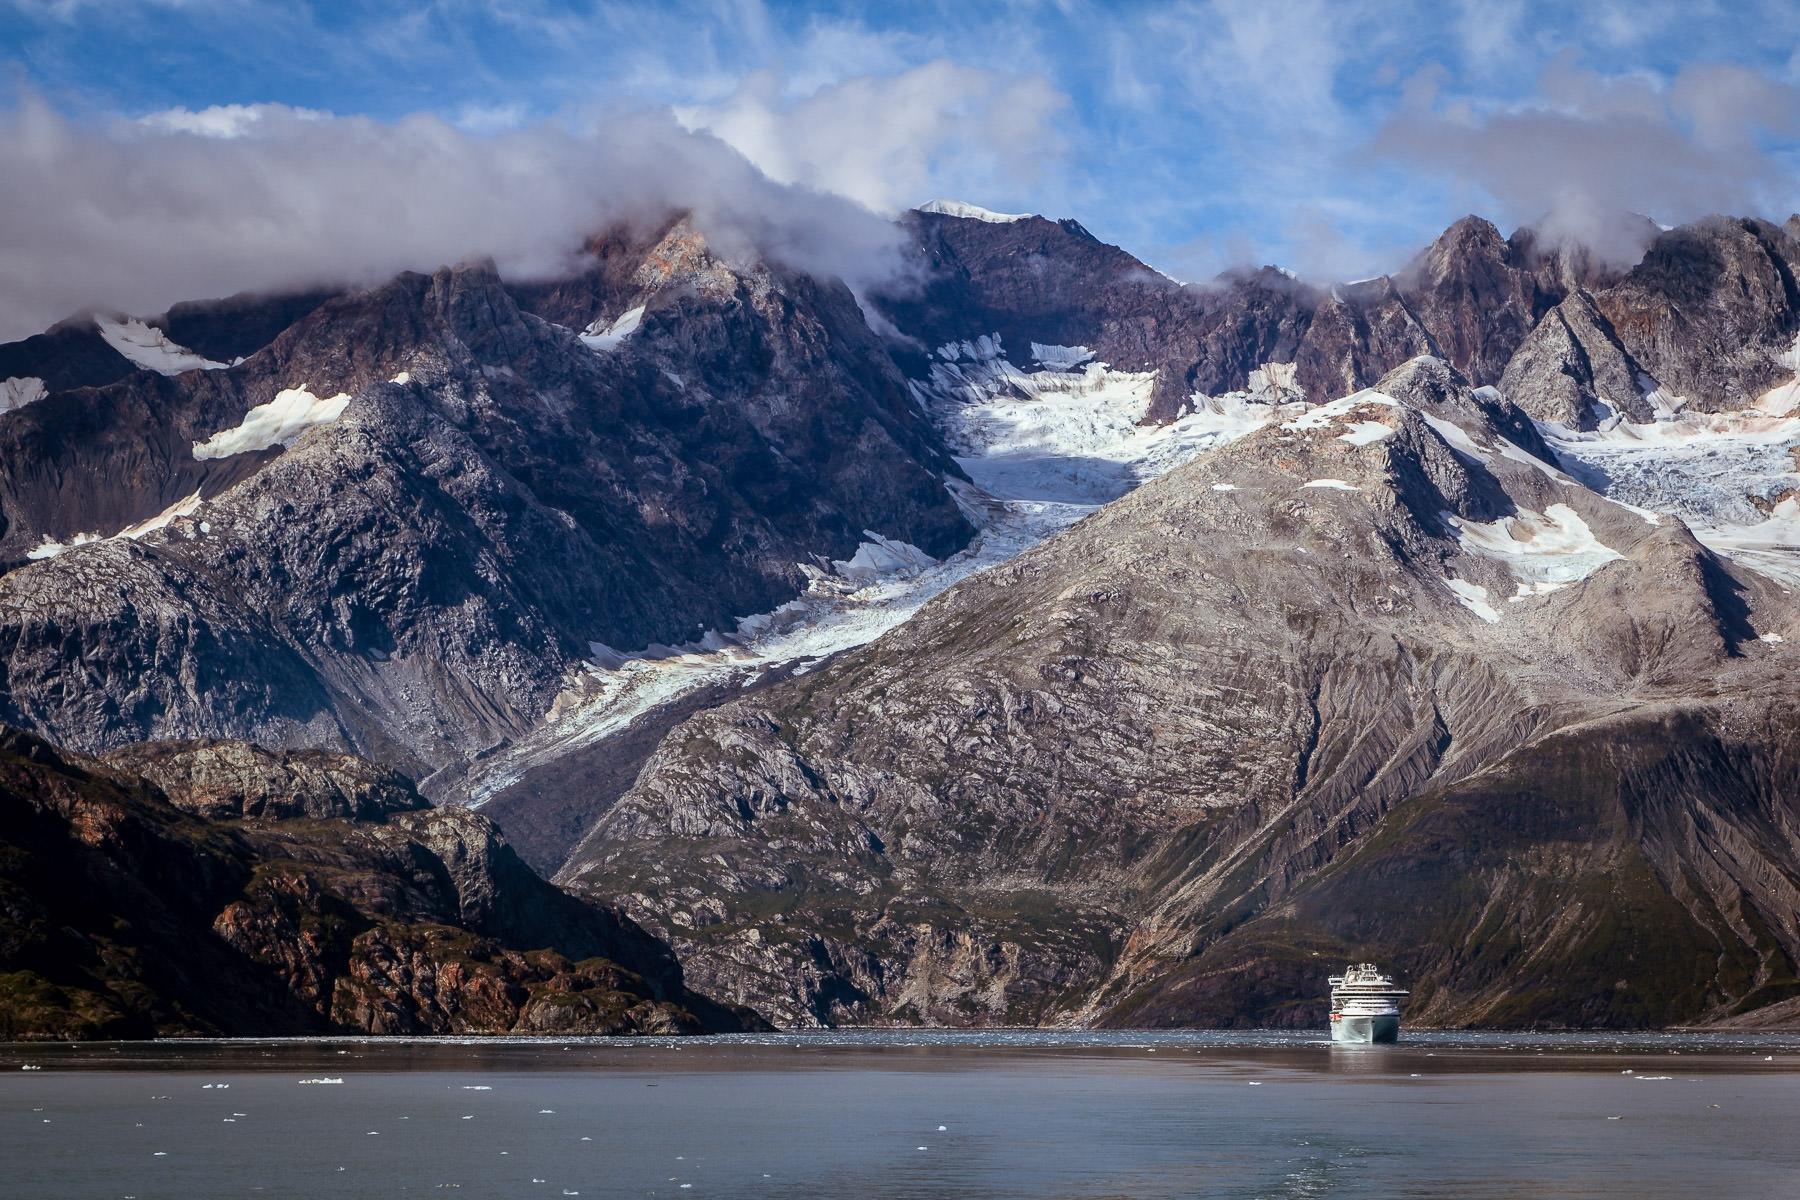 Big Mountains, Ship cruise ship - mattgharvey | ello